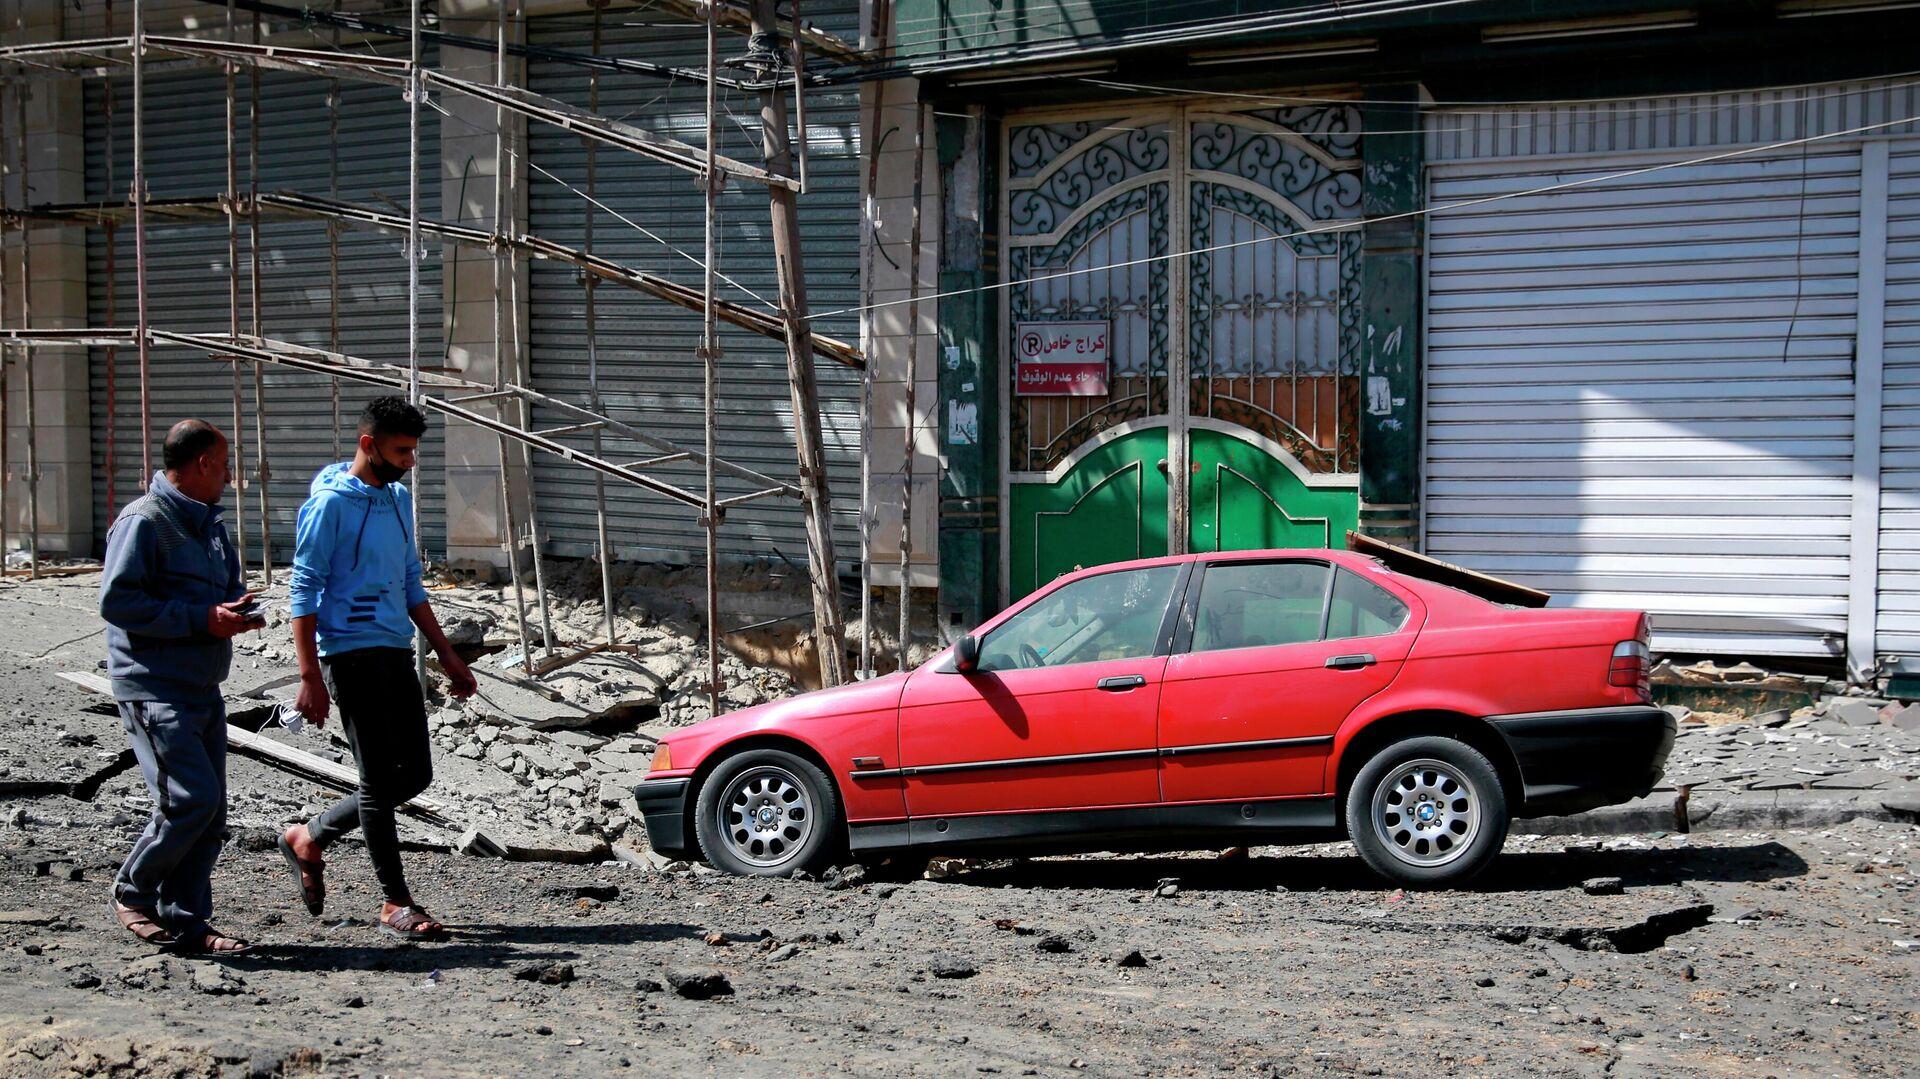 Молодые люди на улице в секторе Газа, пострадавшей в результате обстрела - РИА Новости, 1920, 17.05.2021